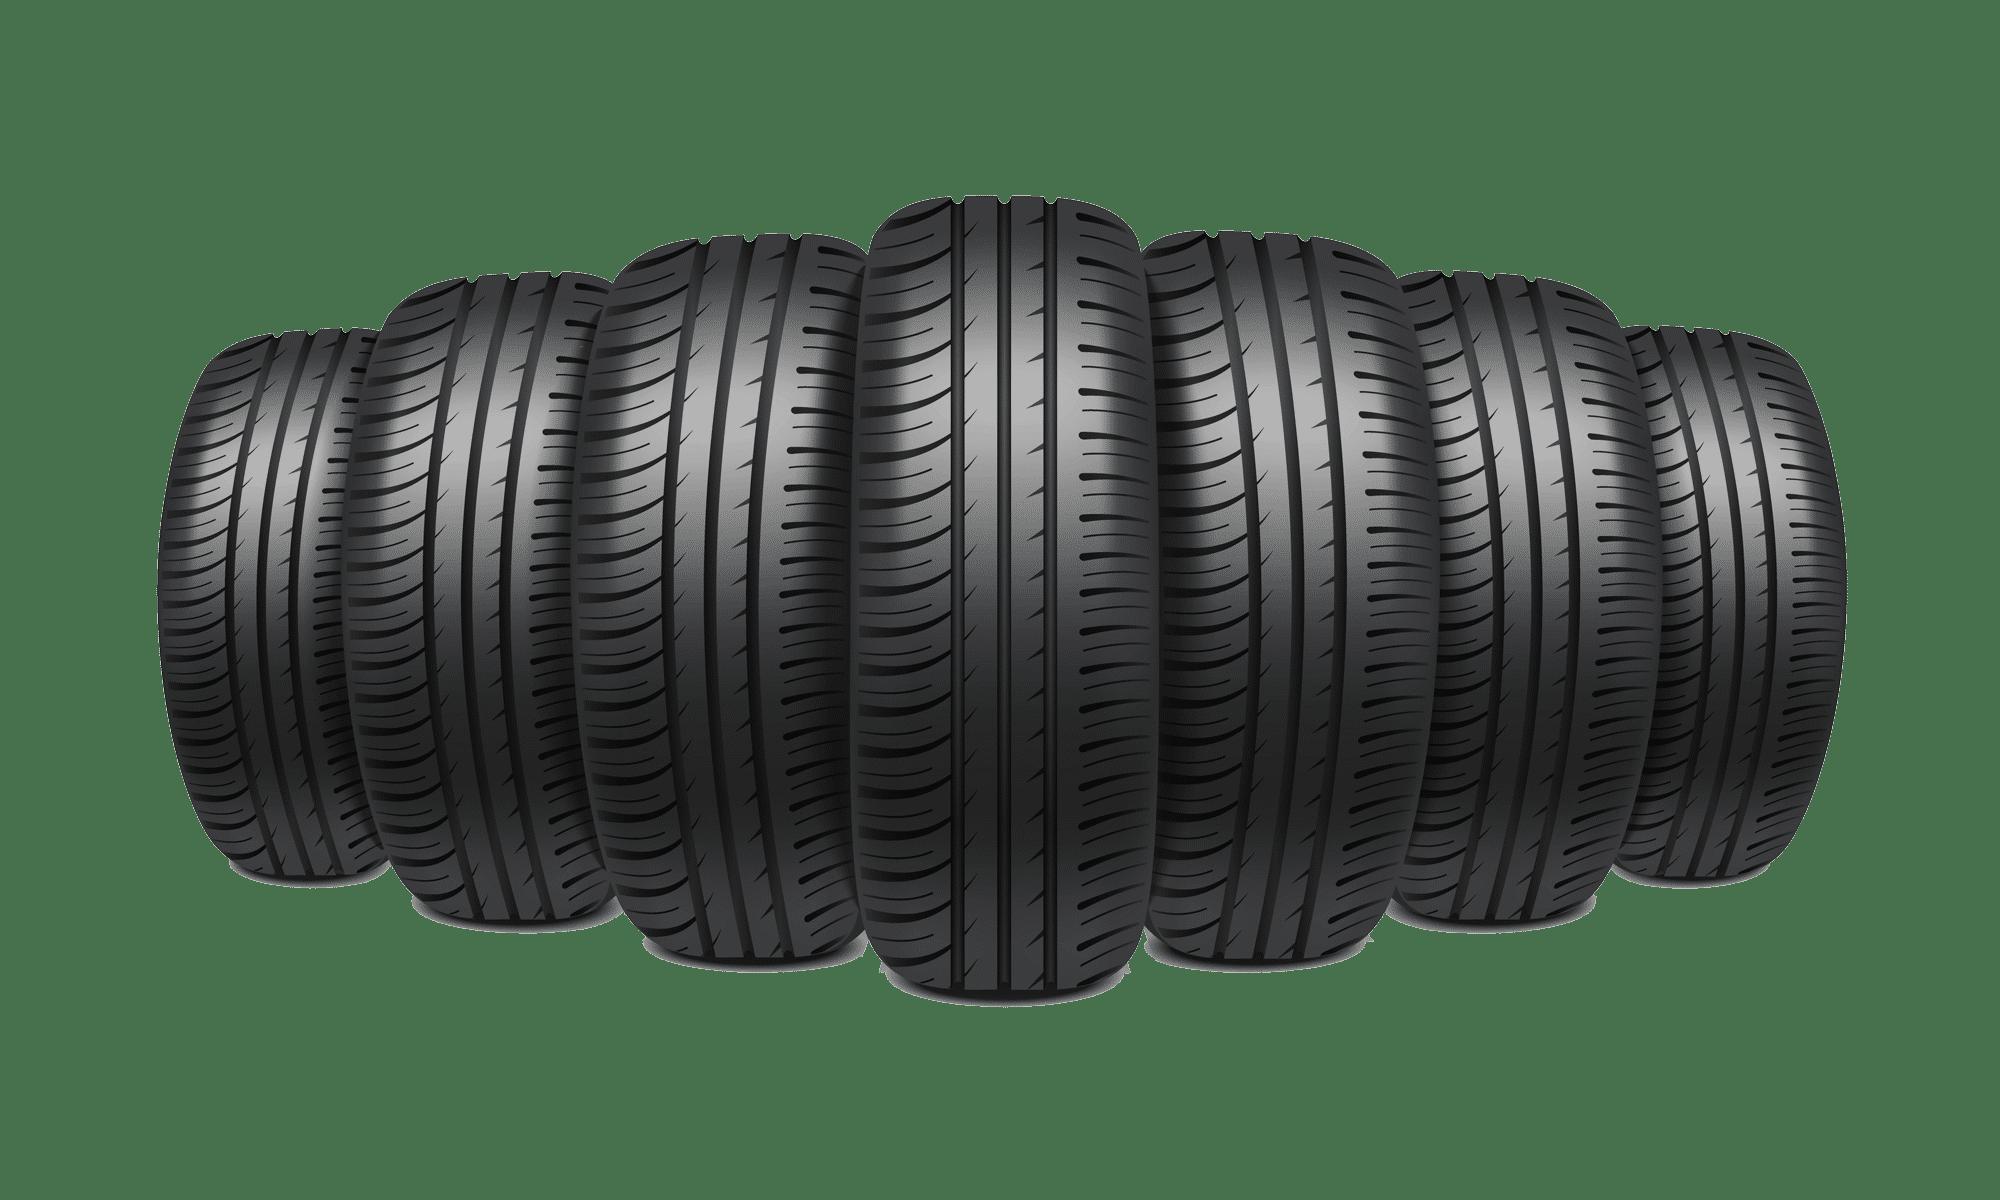 Todo tipo de neumáticos y medidas